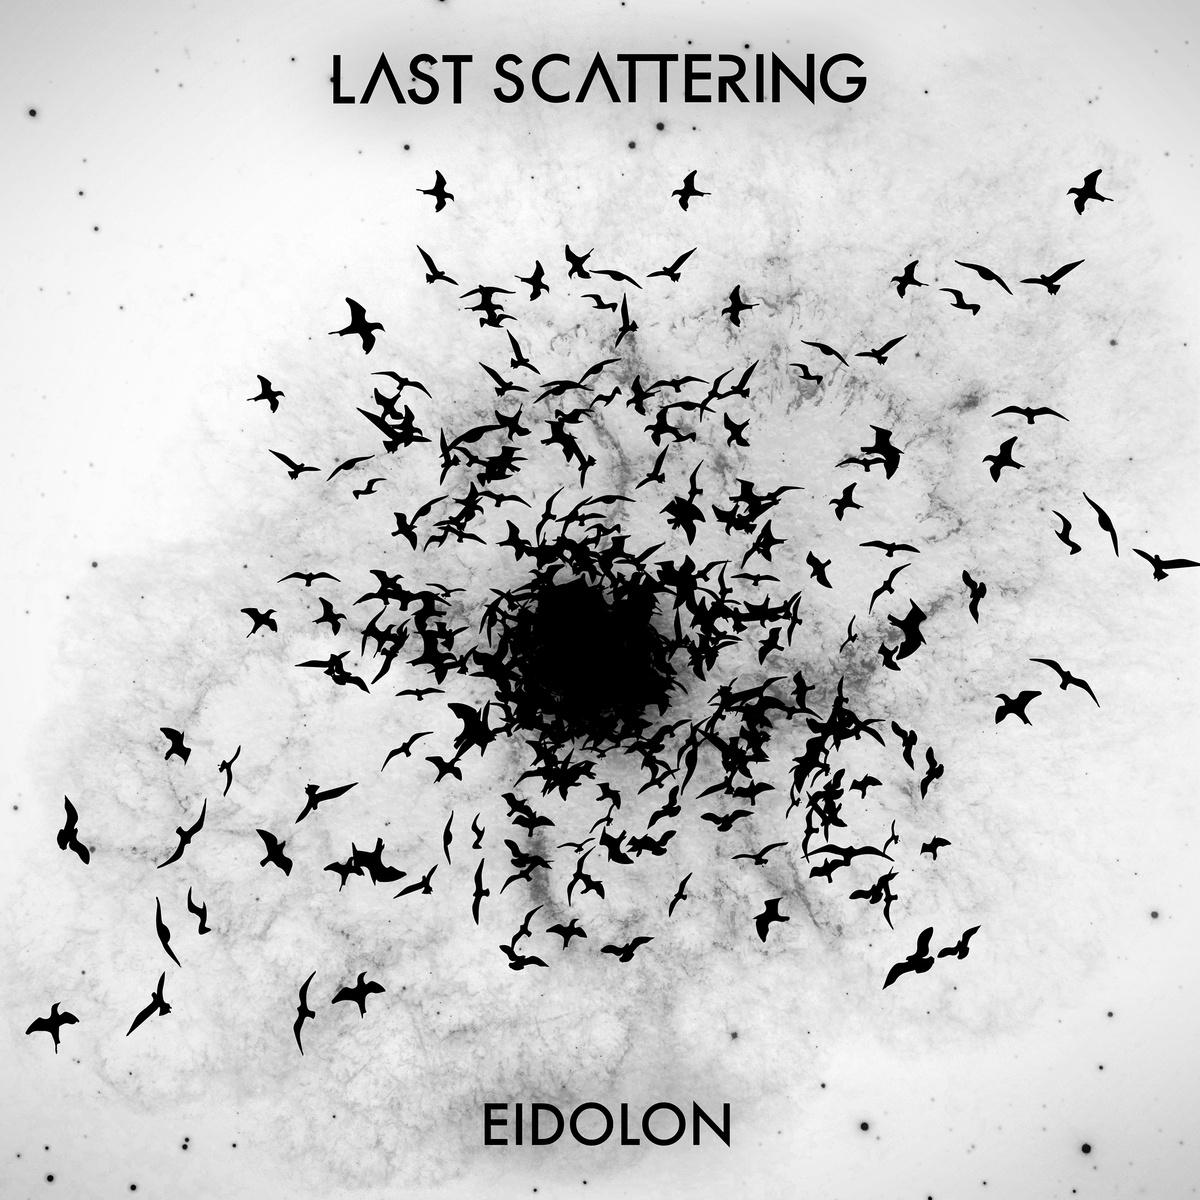 Last Scattering: Eidolon